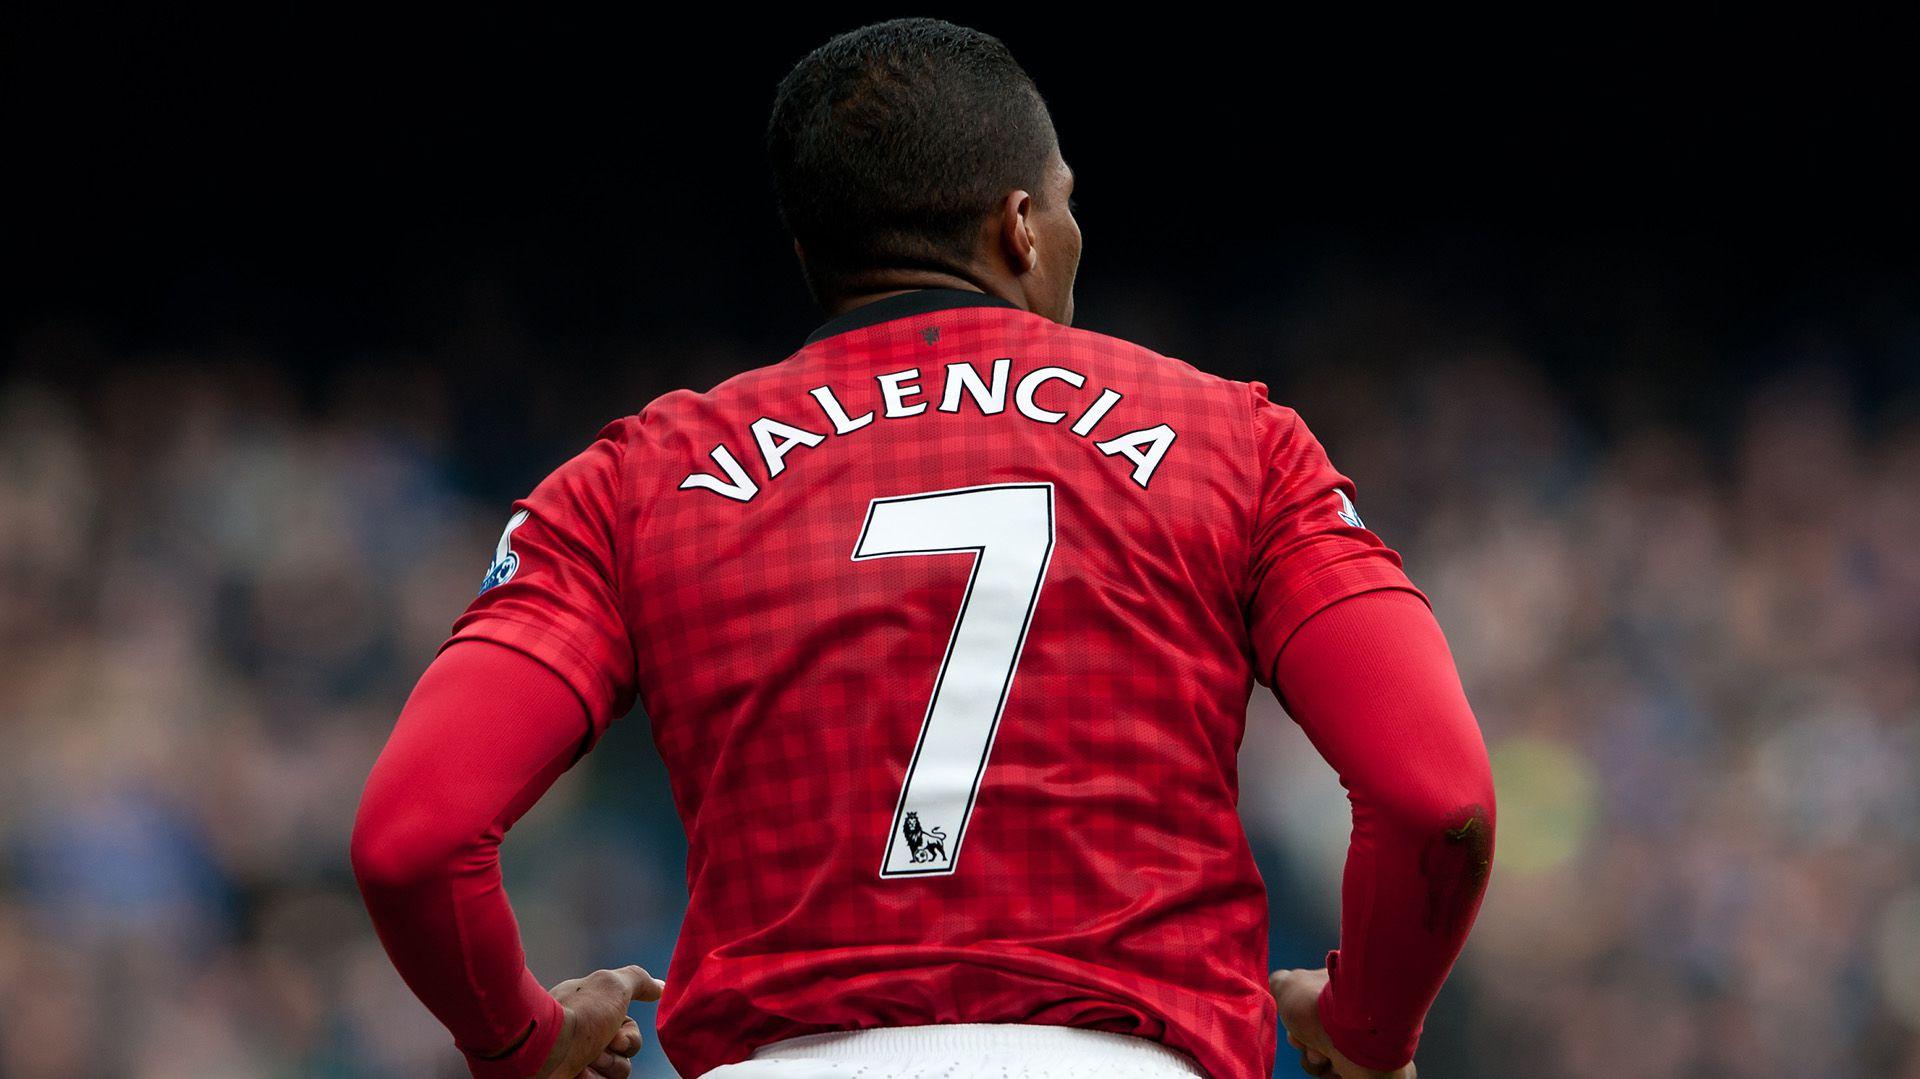 Manchester United Camiseta Número 7 -